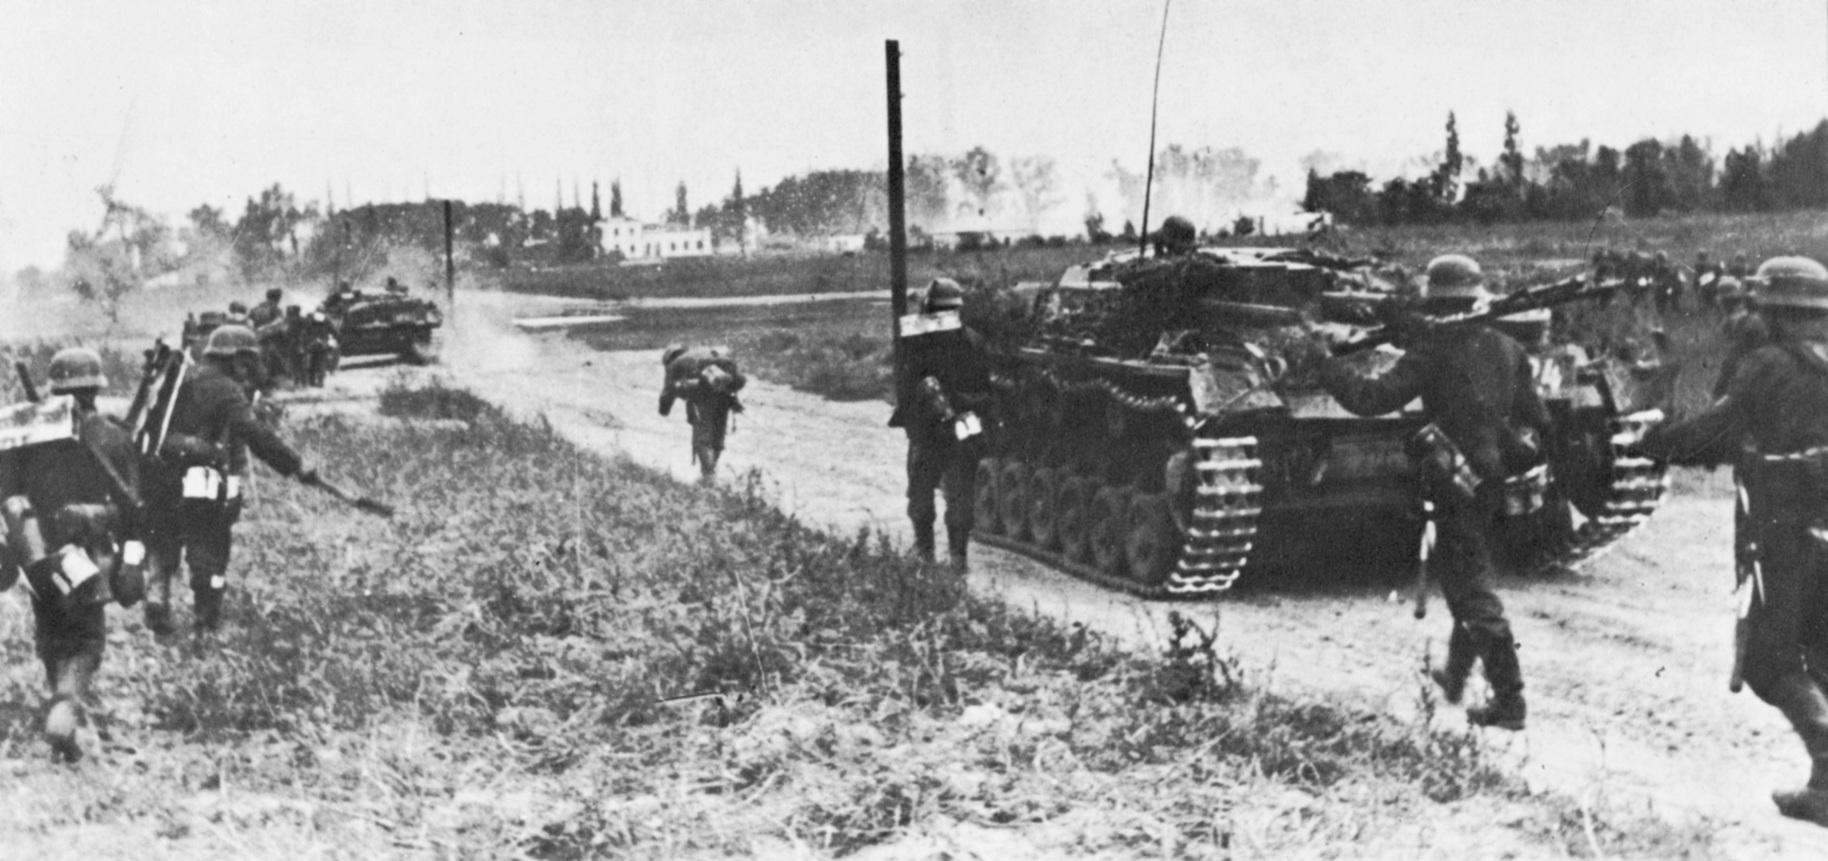 Német katonák és páncélos járművekkel bevonulnak Lengyelországba, 1939, Szeptember 1-én (Fotó: Photo12/Getty Images)